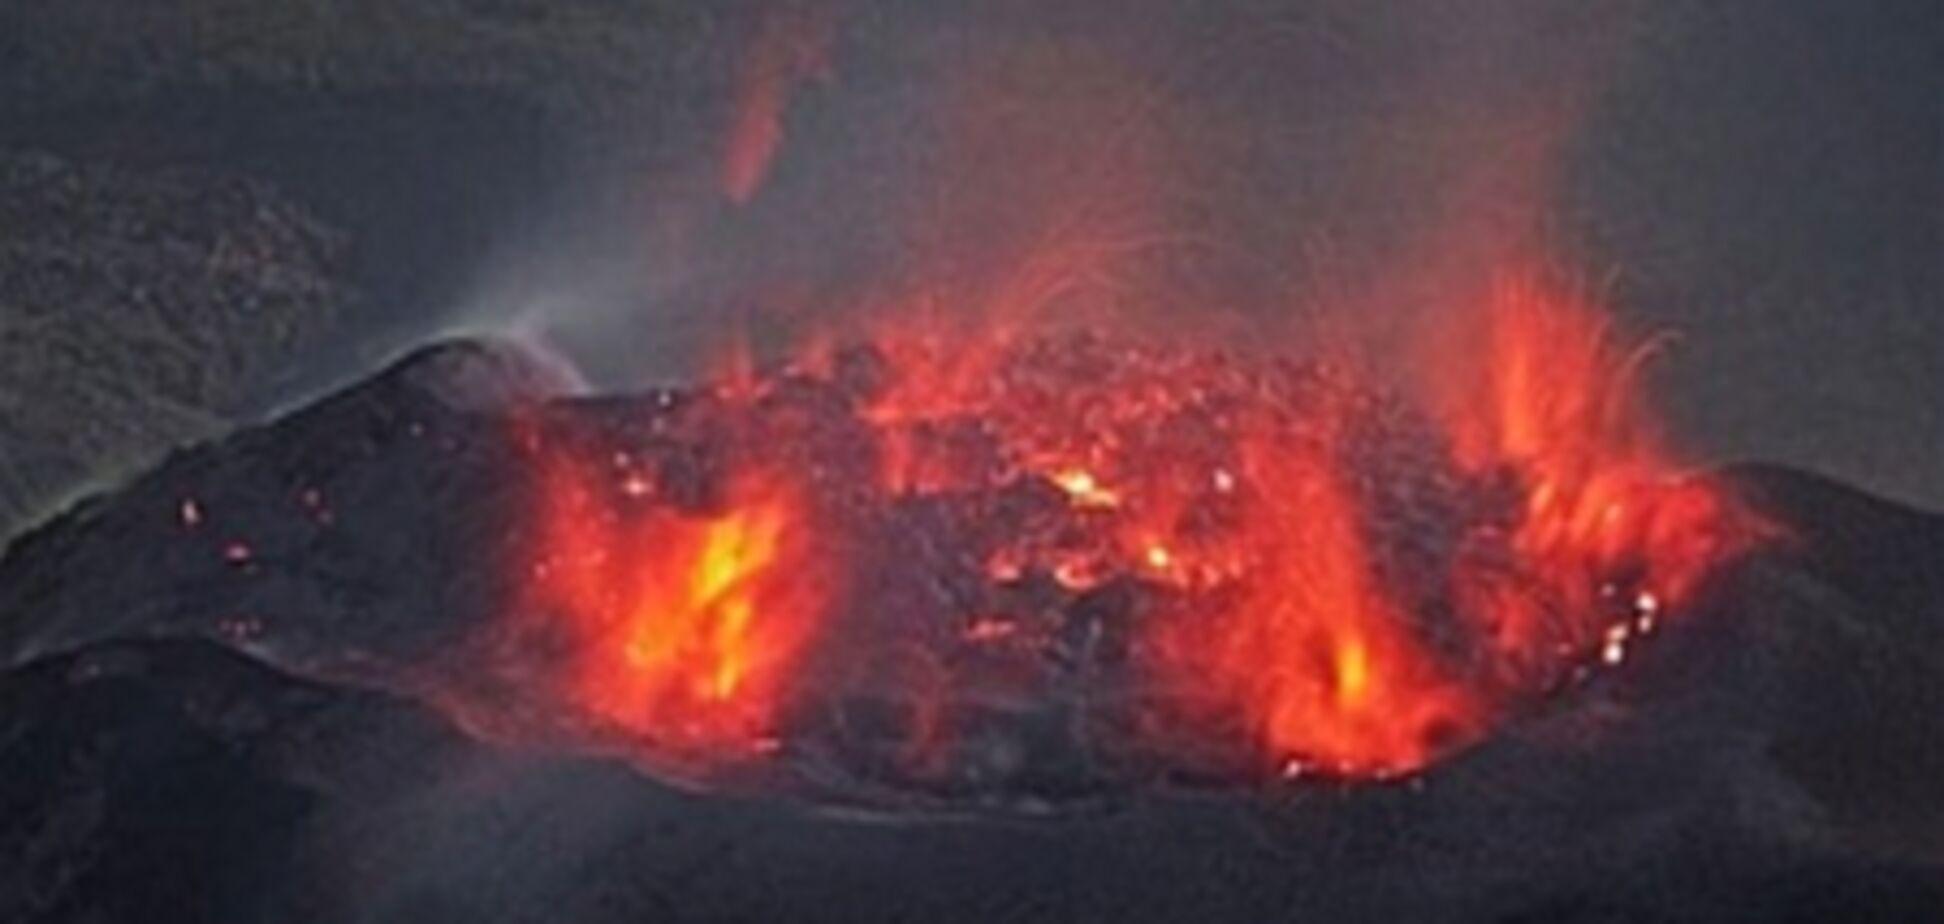 Ученые предрекают катастрофу. Вулкан на Камчатке может взорваться